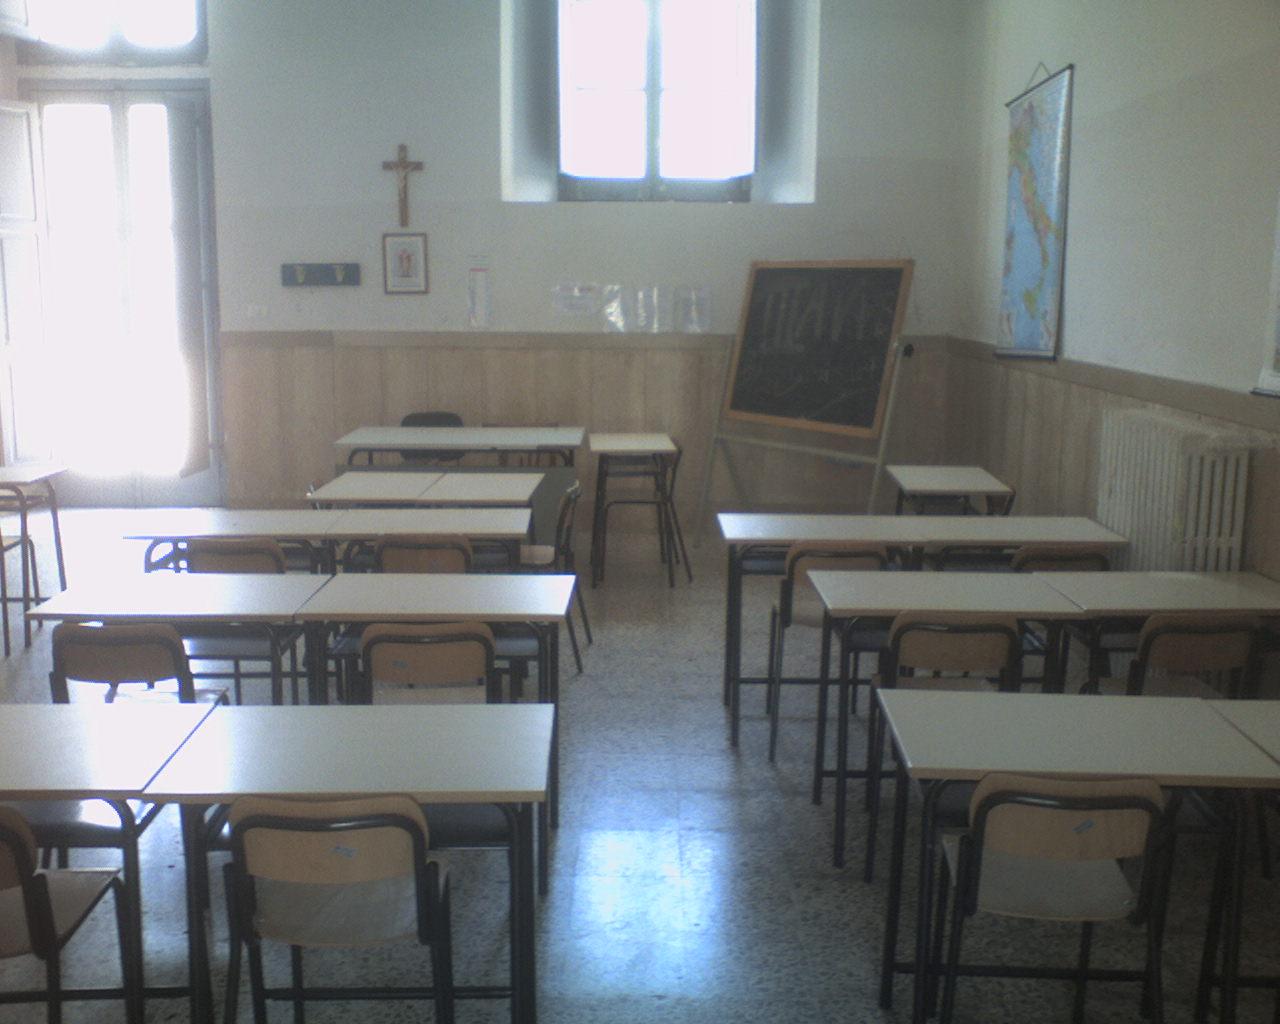 Scuola: il vuoto. - Desolante